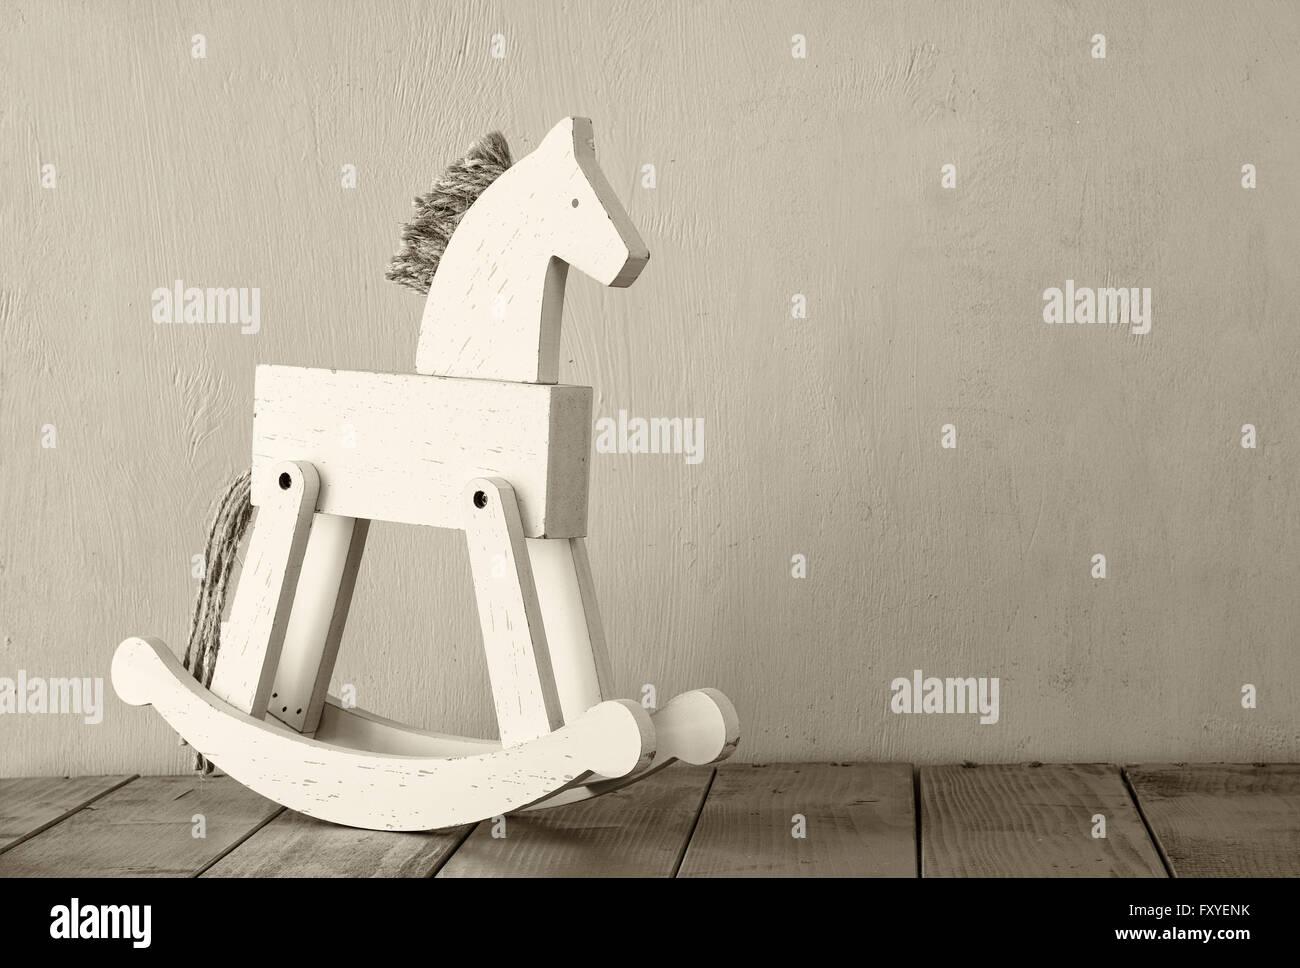 Vintage Rocking Horse em pisos de madeira. retro imagem filtrada Imagens de Stock